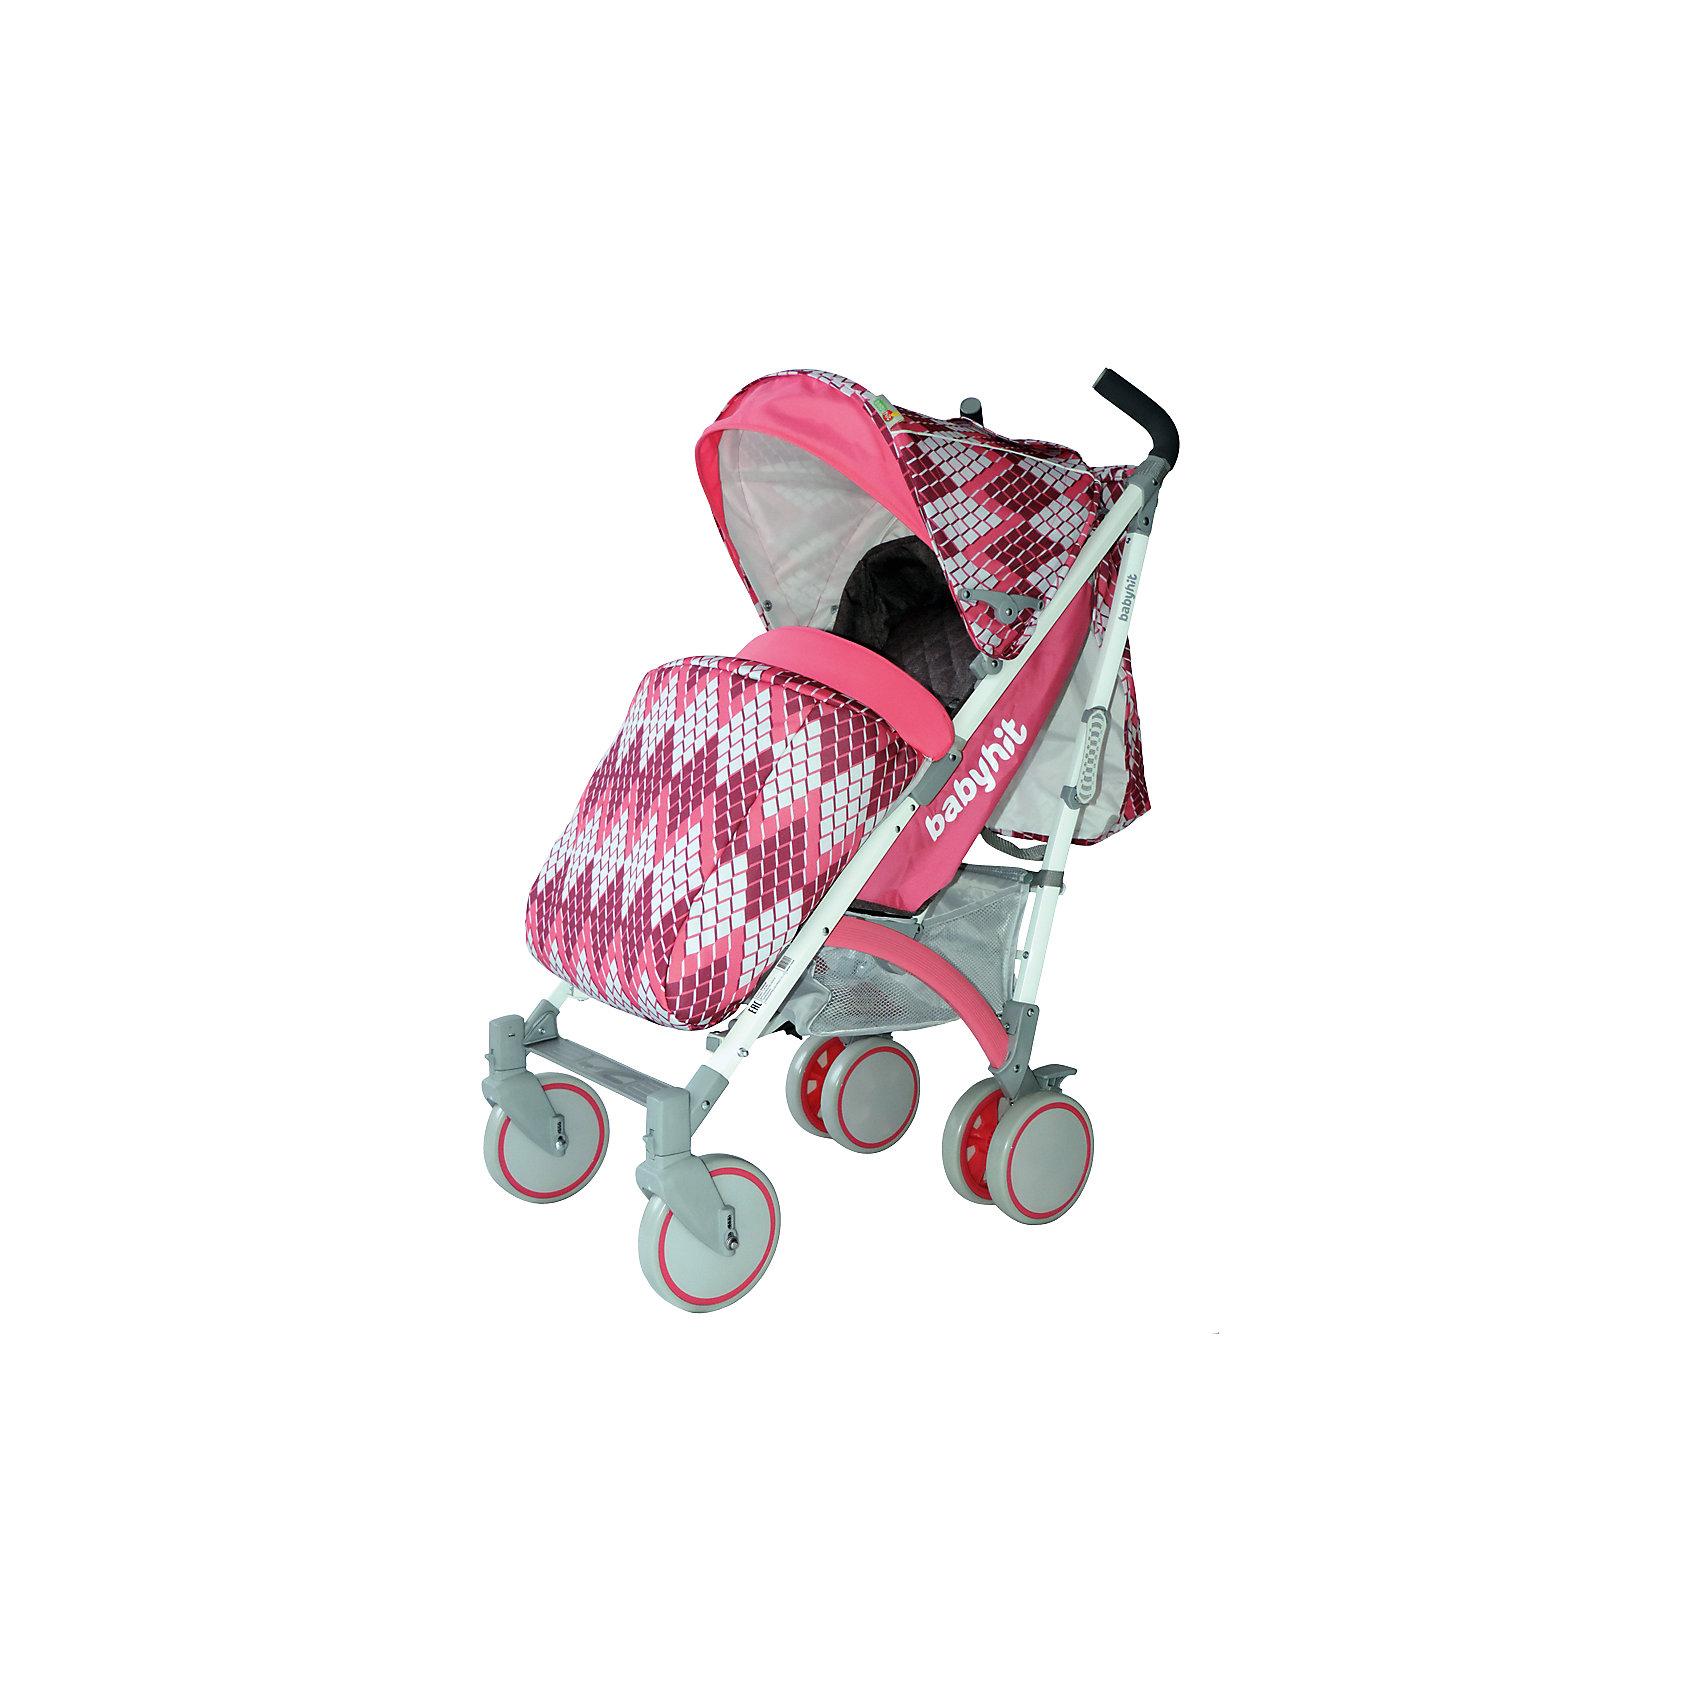 Коляска-трость BabyHit Rainbow RHOMBUS, розовыйКоляски-трости<br>Rainbow, Baby Hit( бэби хит)  – коляска-трость для детей от 6 месяцев до 3 лет. Для дополнительной безопасности малыша коляска оснащена съемным бампером, 5-точечными ремнями и паховым ремнем. 3 положения спинки и регулируемая подножка помогут вашему ребенку удобно расположиться и отдохнуть. Передние плавающие колеса можно зафиксировать; все колеса амортизированы. Капюшон-батискаф опускается до бампера коляска в случае необходимости. Коляска легко складывается и автоматически блокируется. Для удобства переноса предусмотрена специальная ручка.  Есть корзина для покупок. С этой коляской вам будет очень комфортно гулять с крохой.<br>Особенности и преимущества:<br>-5-точечные ремни и паховый ремень для безопасности ребенка<br>-удобна при переносе в сложенном виде<br>-плавающие колеса можно зафиксировать<br>Размеры: 85x43x108 см<br>Вес: 7,4 кг<br>Дополнительные характеристики:<br>Ширина сиденья: 35 см<br>Длина подножки: 13 см<br>Глубина сиденья: 25 см<br>Размер спального места: 85x35 см<br>Высота спинки: 47 см<br>В комплекте: чехол для ног, дождевик, сумка для мамы, москитная сетка<br>Вы можете приобрести коляску Rainbow в нашем интернет-магазине.<br>ВНИМАНИЕ! Данный артикул имеется в наличии в разных цветовых исполнениях (черный/желтый, розовый, голубой). К сожалению, заранее выбрать определенный цвет не возможно.<br><br>Ширина мм: 260<br>Глубина мм: 250<br>Высота мм: 900<br>Вес г: 8700<br>Возраст от месяцев: 6<br>Возраст до месяцев: 36<br>Пол: Унисекс<br>Возраст: Детский<br>SKU: 4881274